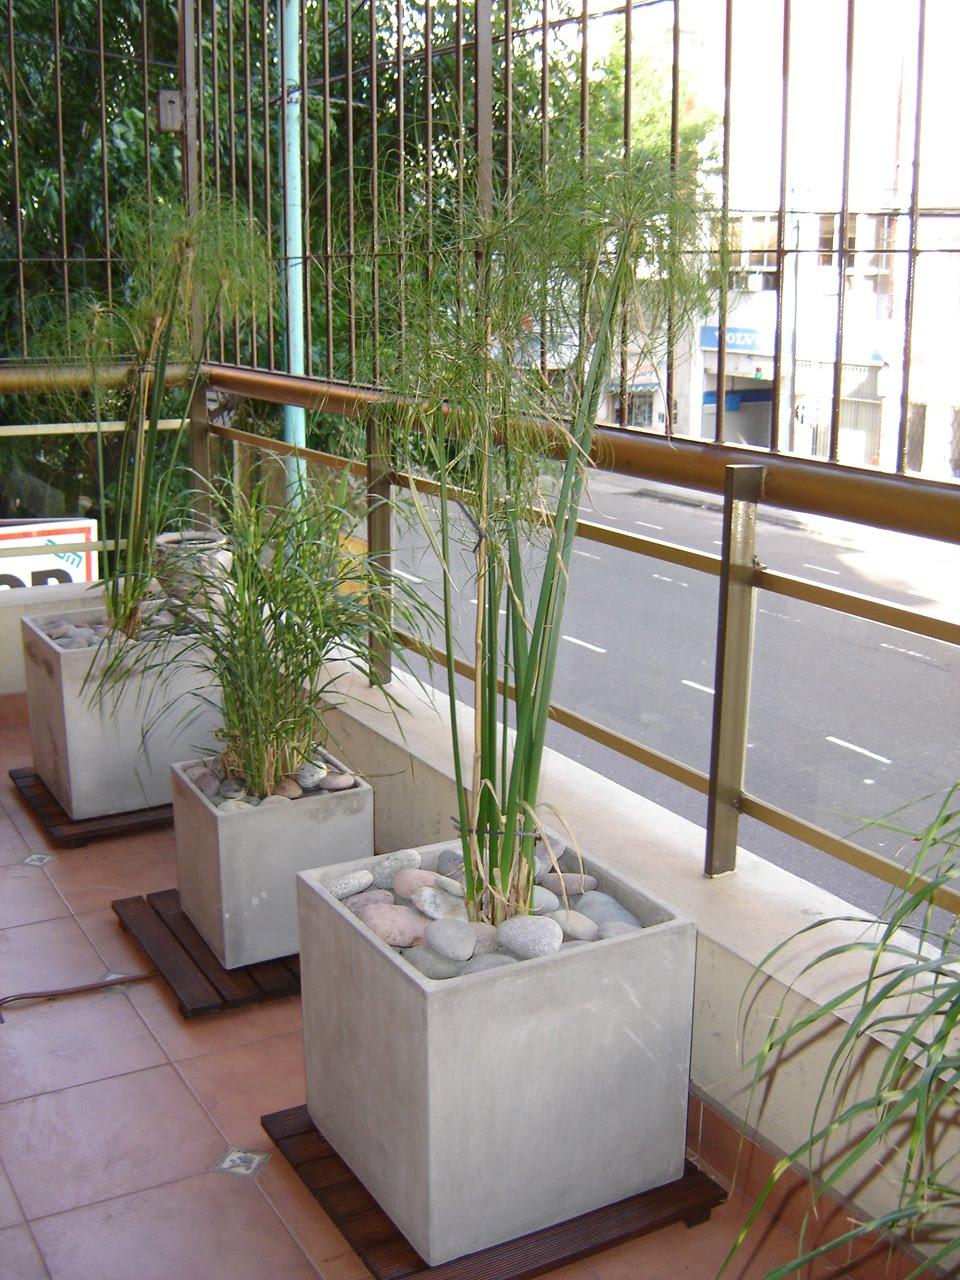 Planificaci n de espacios verdes patios terrazas y balcones for Patios y terrazas